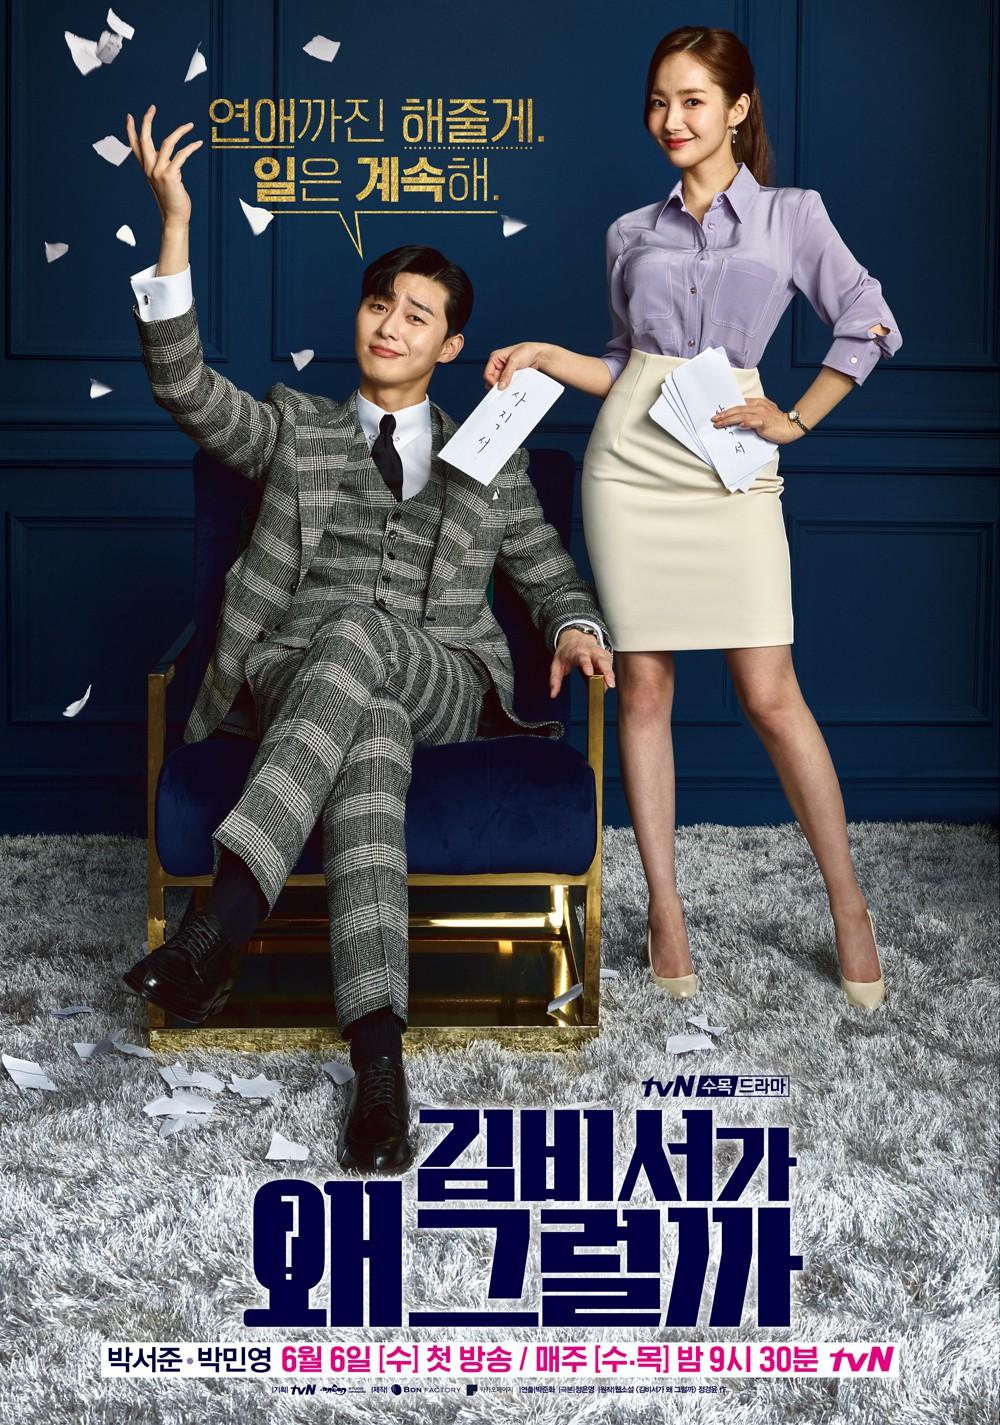 Thư Ký Kim: Bộ phim hoàn hảo dành riêng cho hội chị em, đảm bảo xem là thích mê - Ảnh 1.